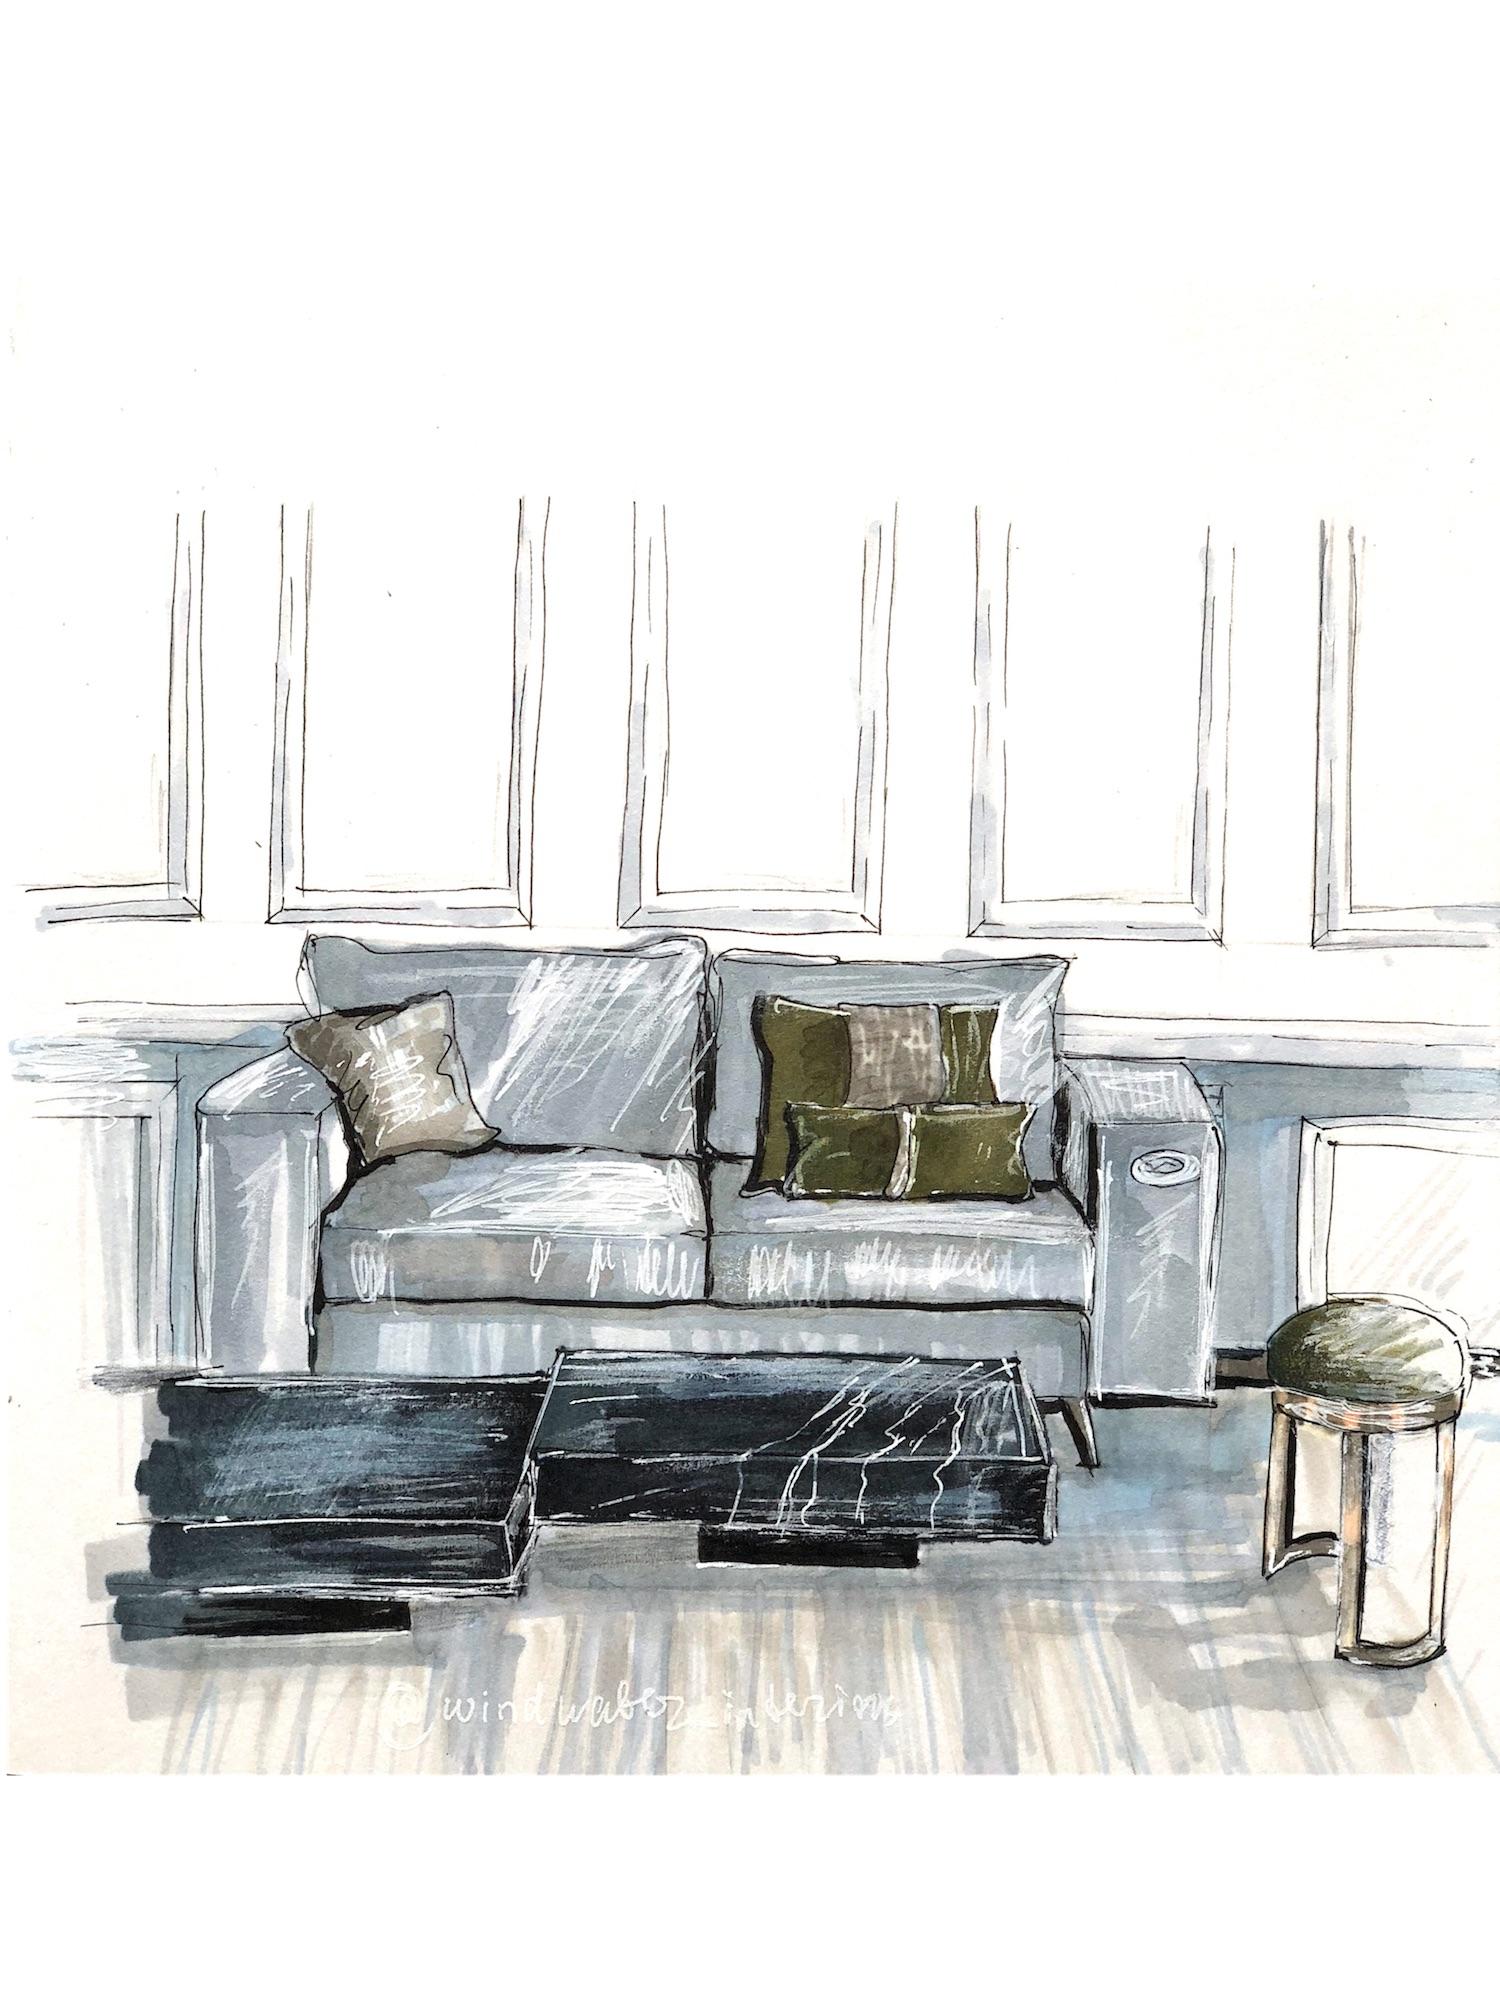 Sketch by Julia Mironova